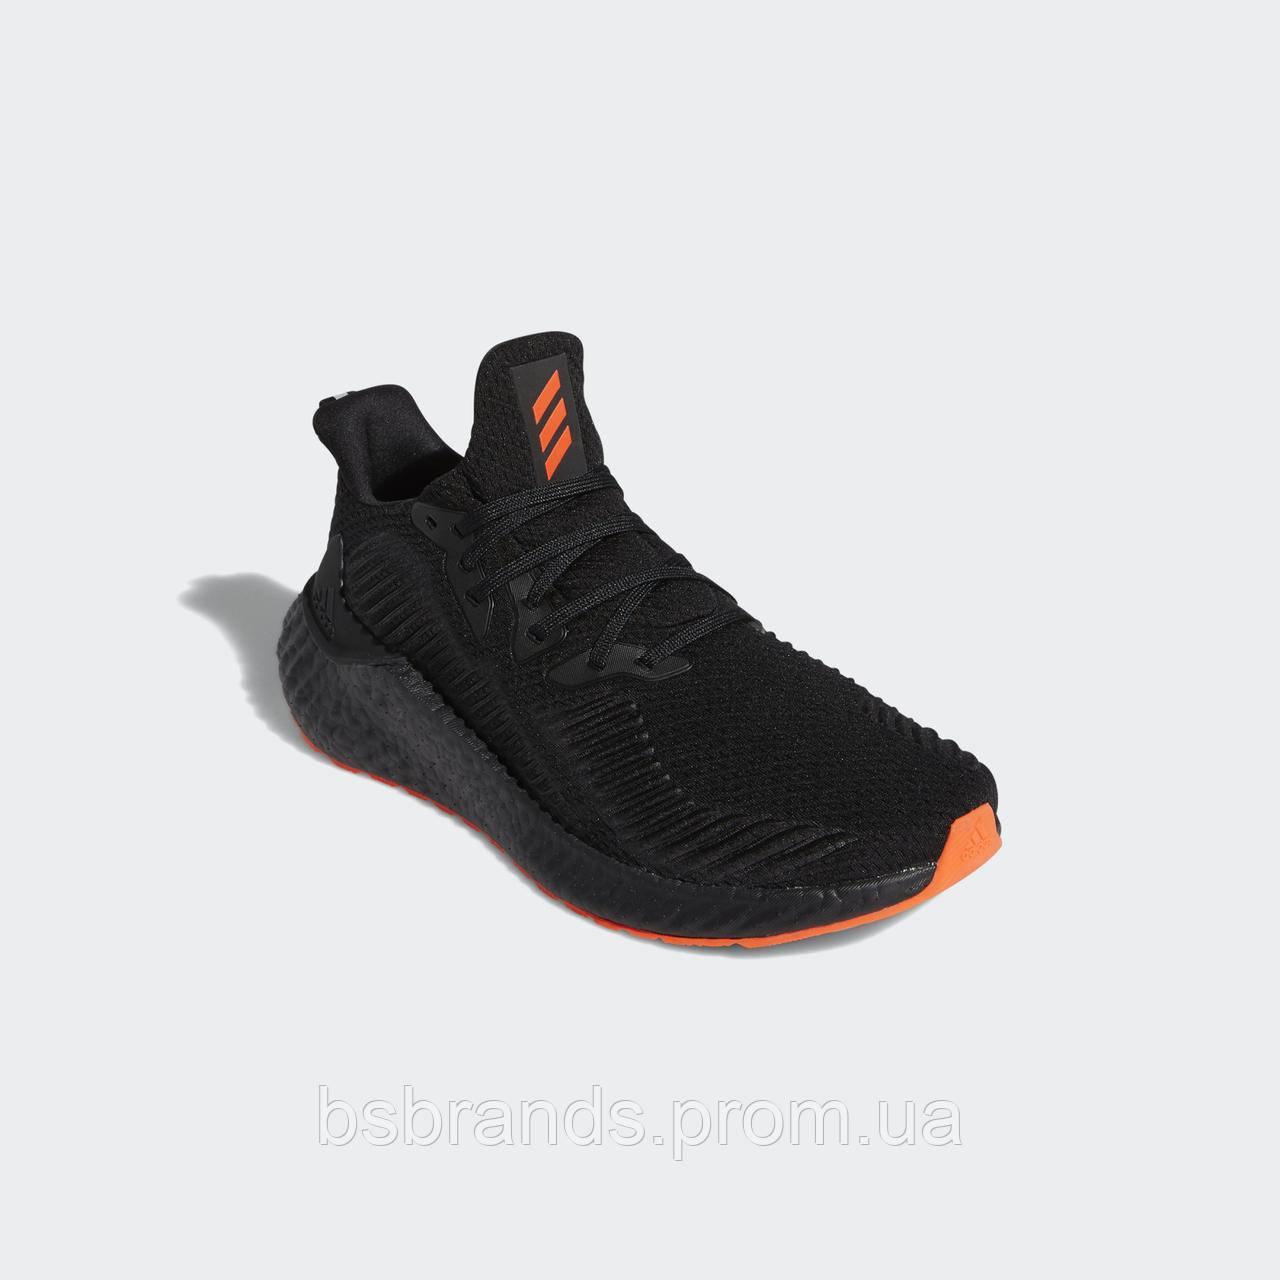 Мужские кроссовки adidas для бега Alphaboost EH3317 (2020/1)